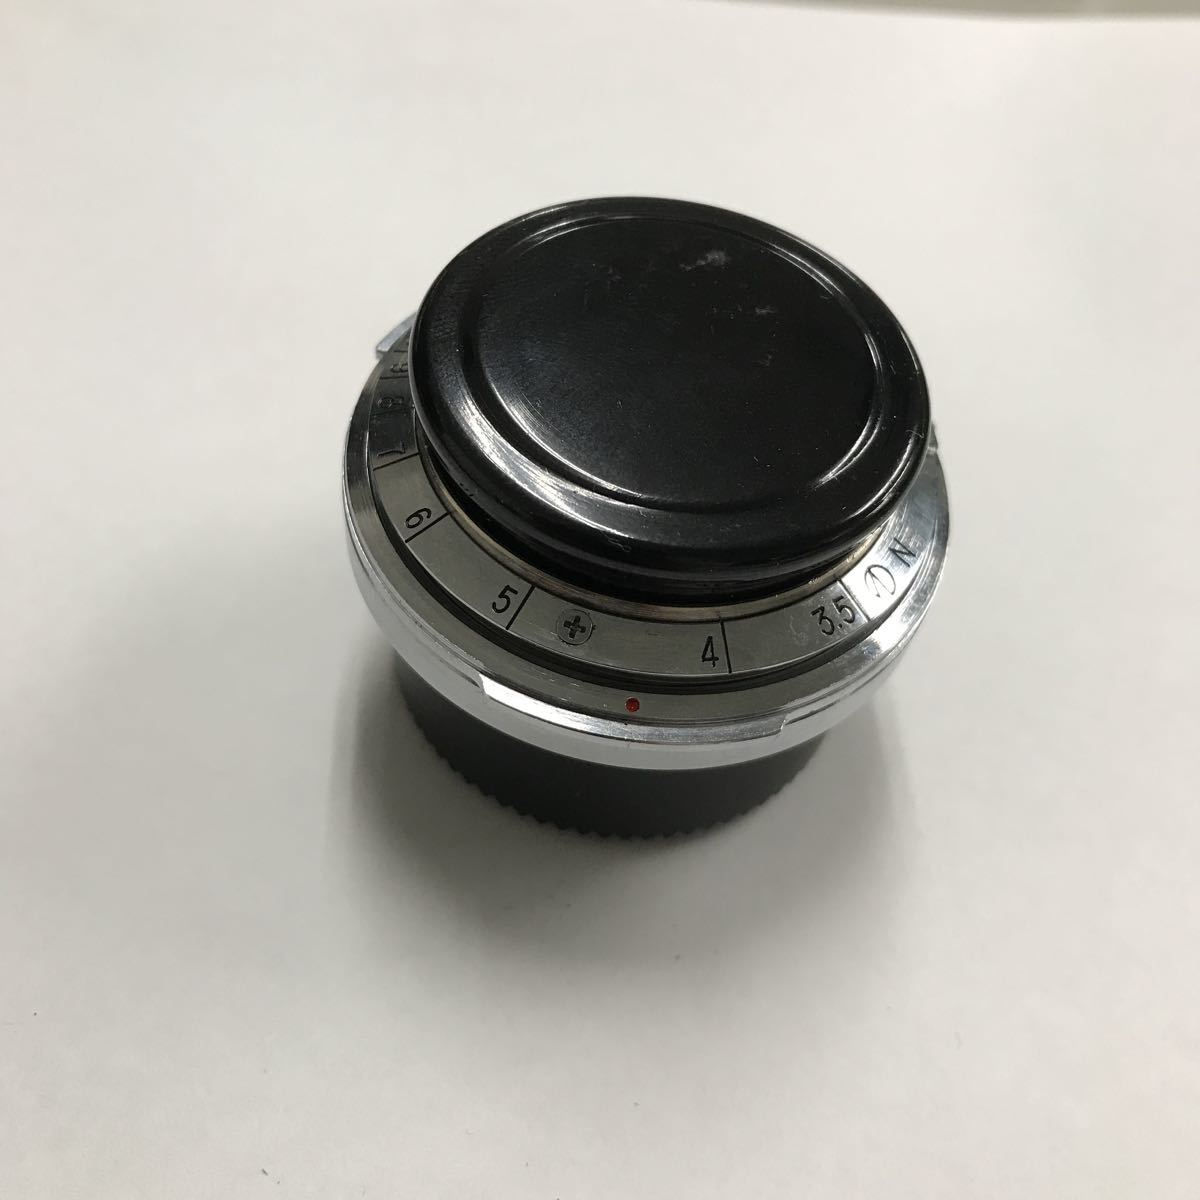 カメラ用品 カプラー? 古いロシア製 キャップ付き 詳細不明